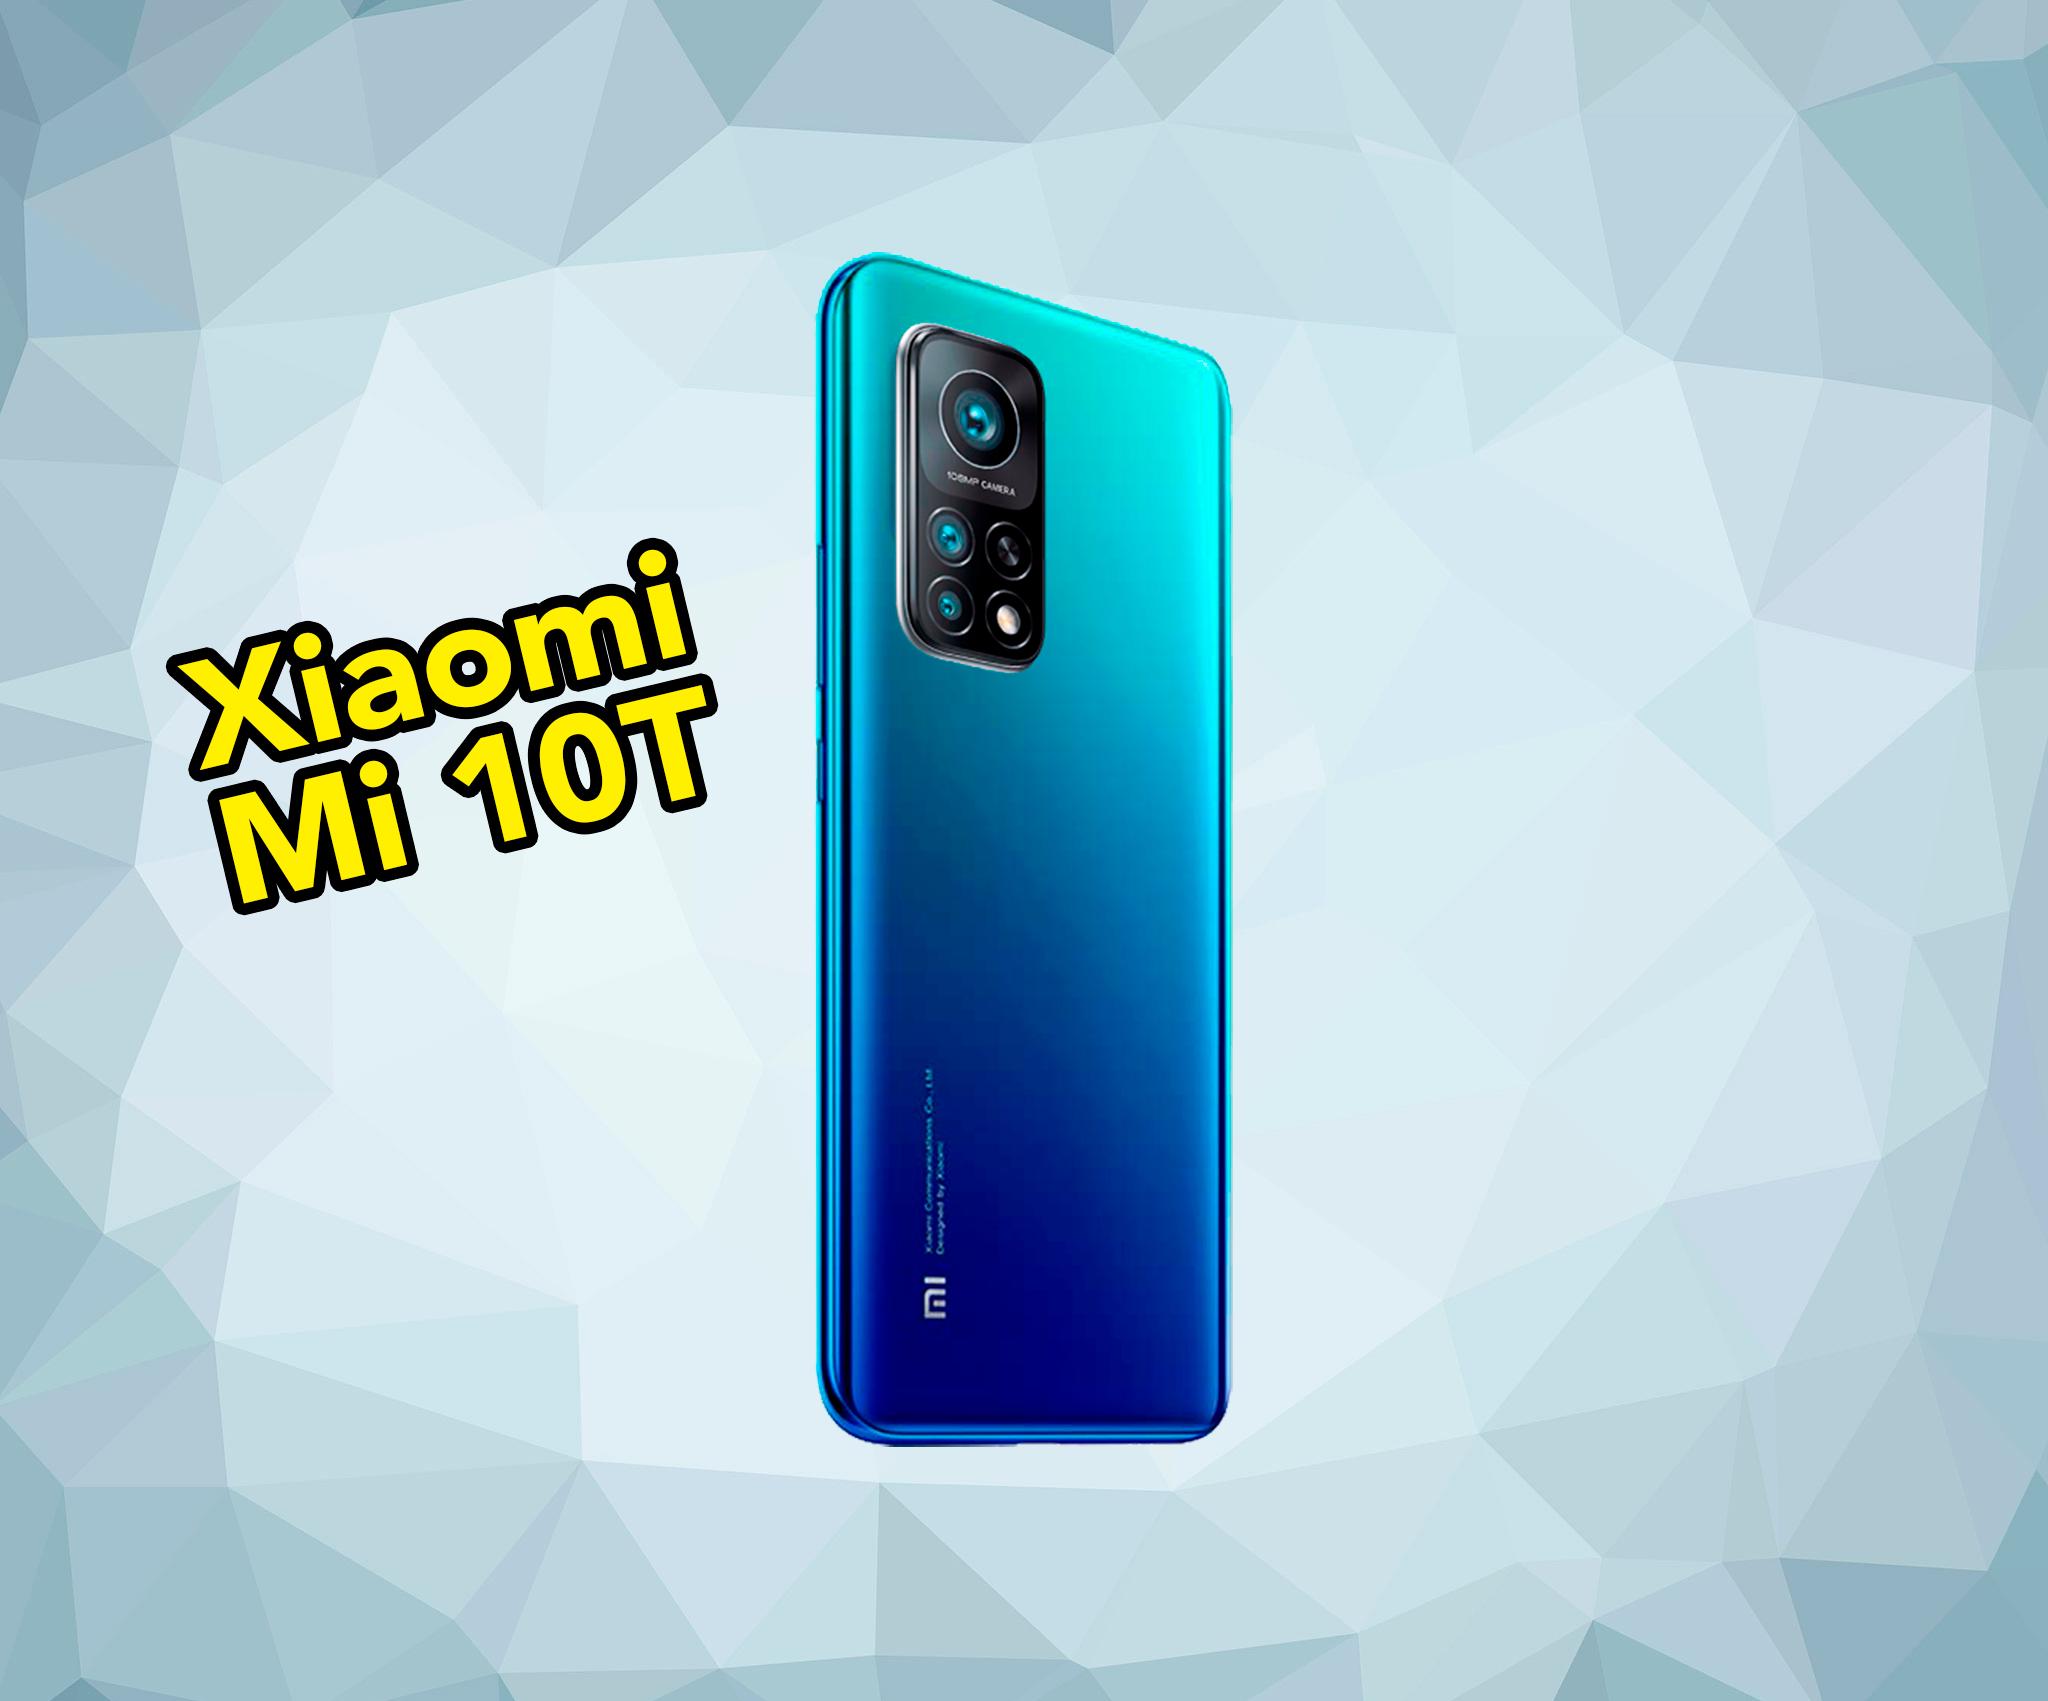 El Xiaomi Mi 10T a la vista, filtrado el diseño y algunas características clave